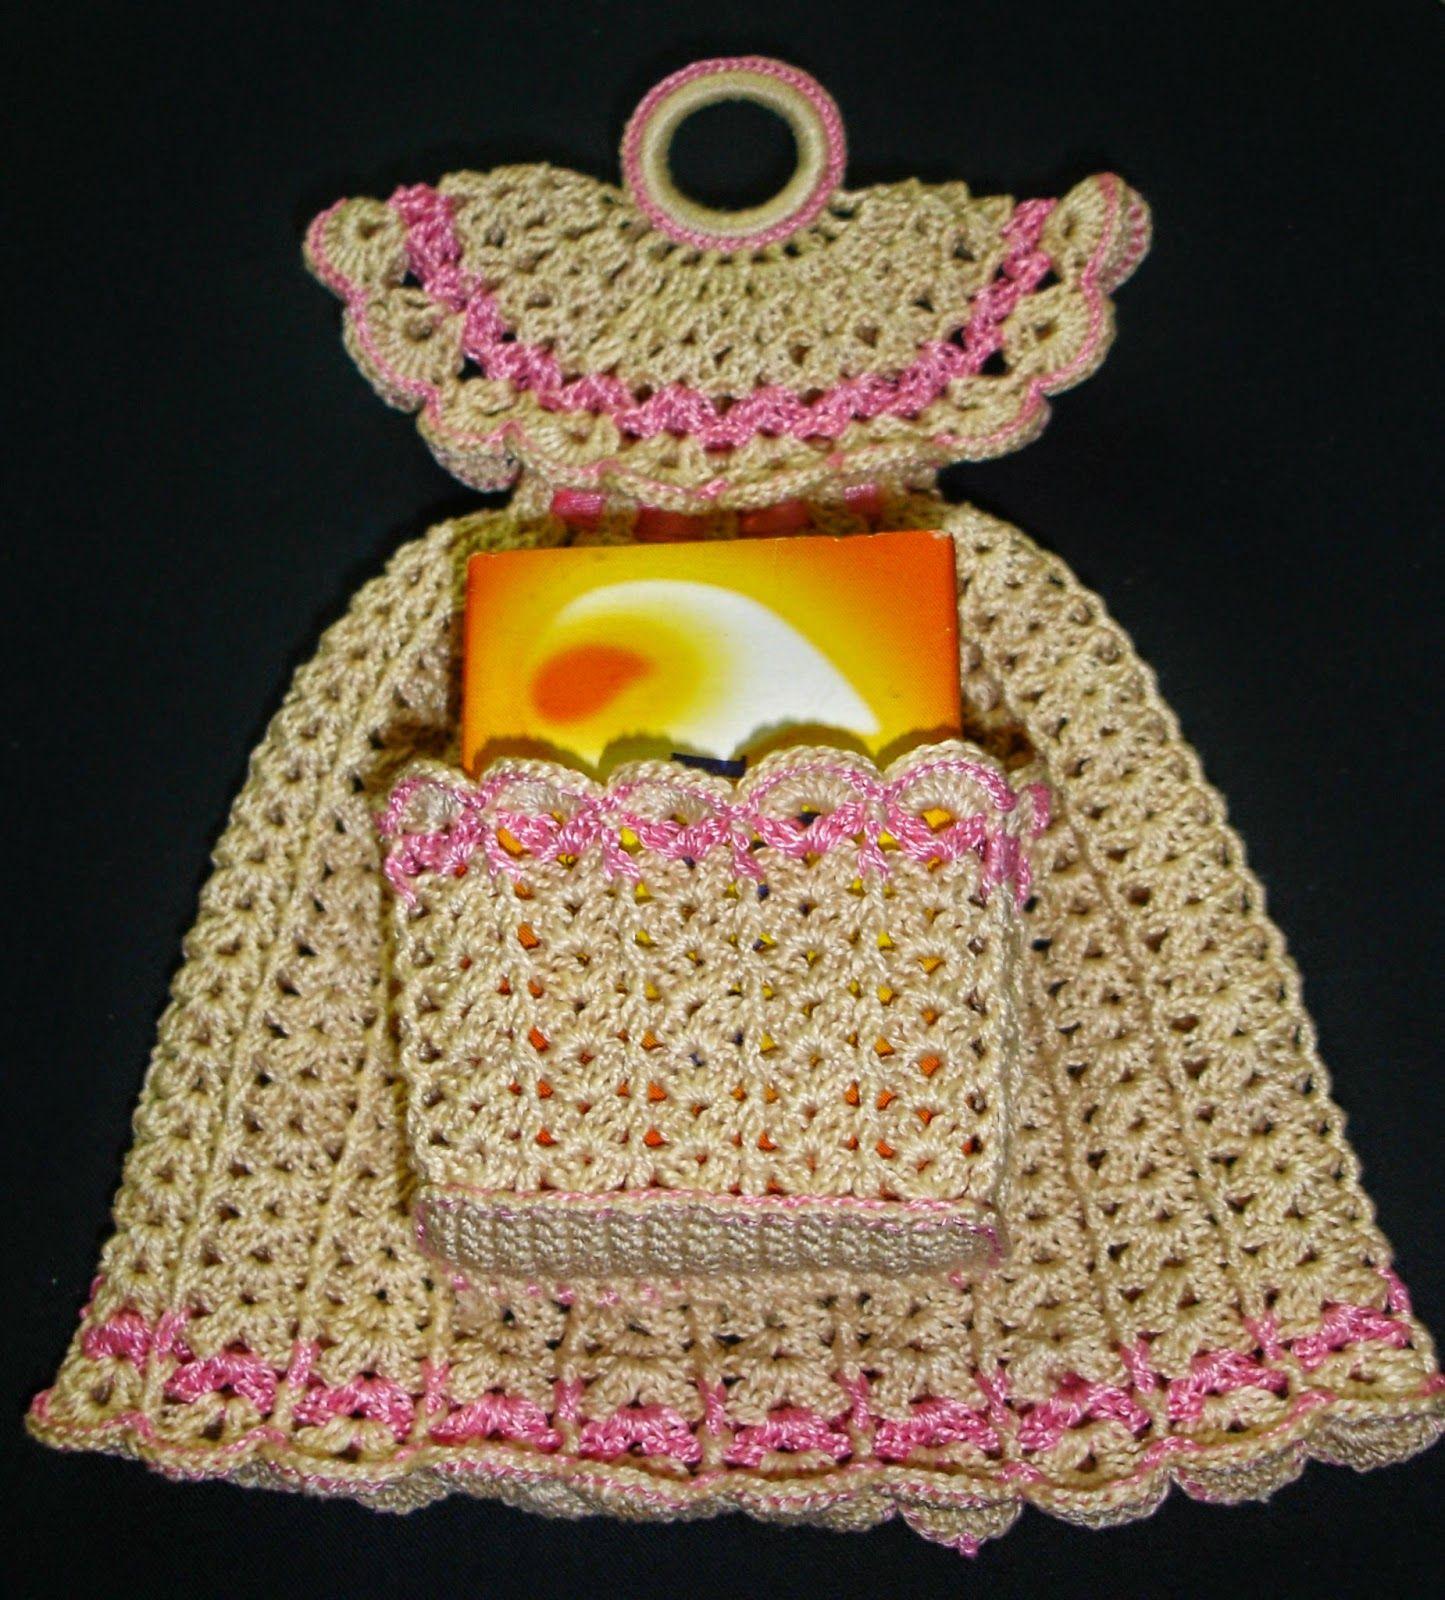 Cocina crochet minerva ganchillo crochet croch ganchillo y adornos de cocina Adornos a ganchillo